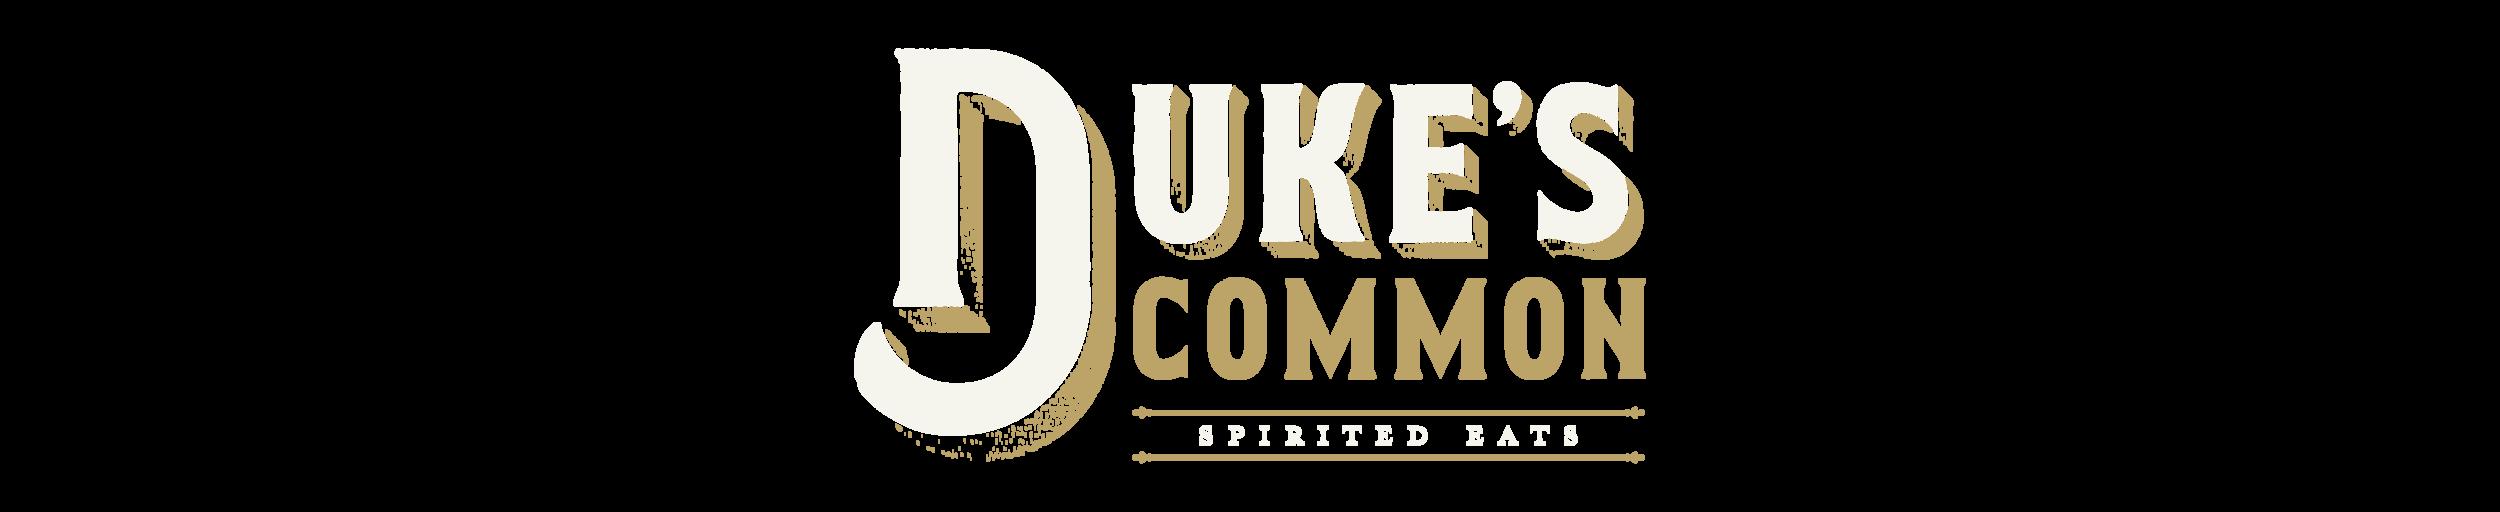 DukesCommon-Logo-02.png